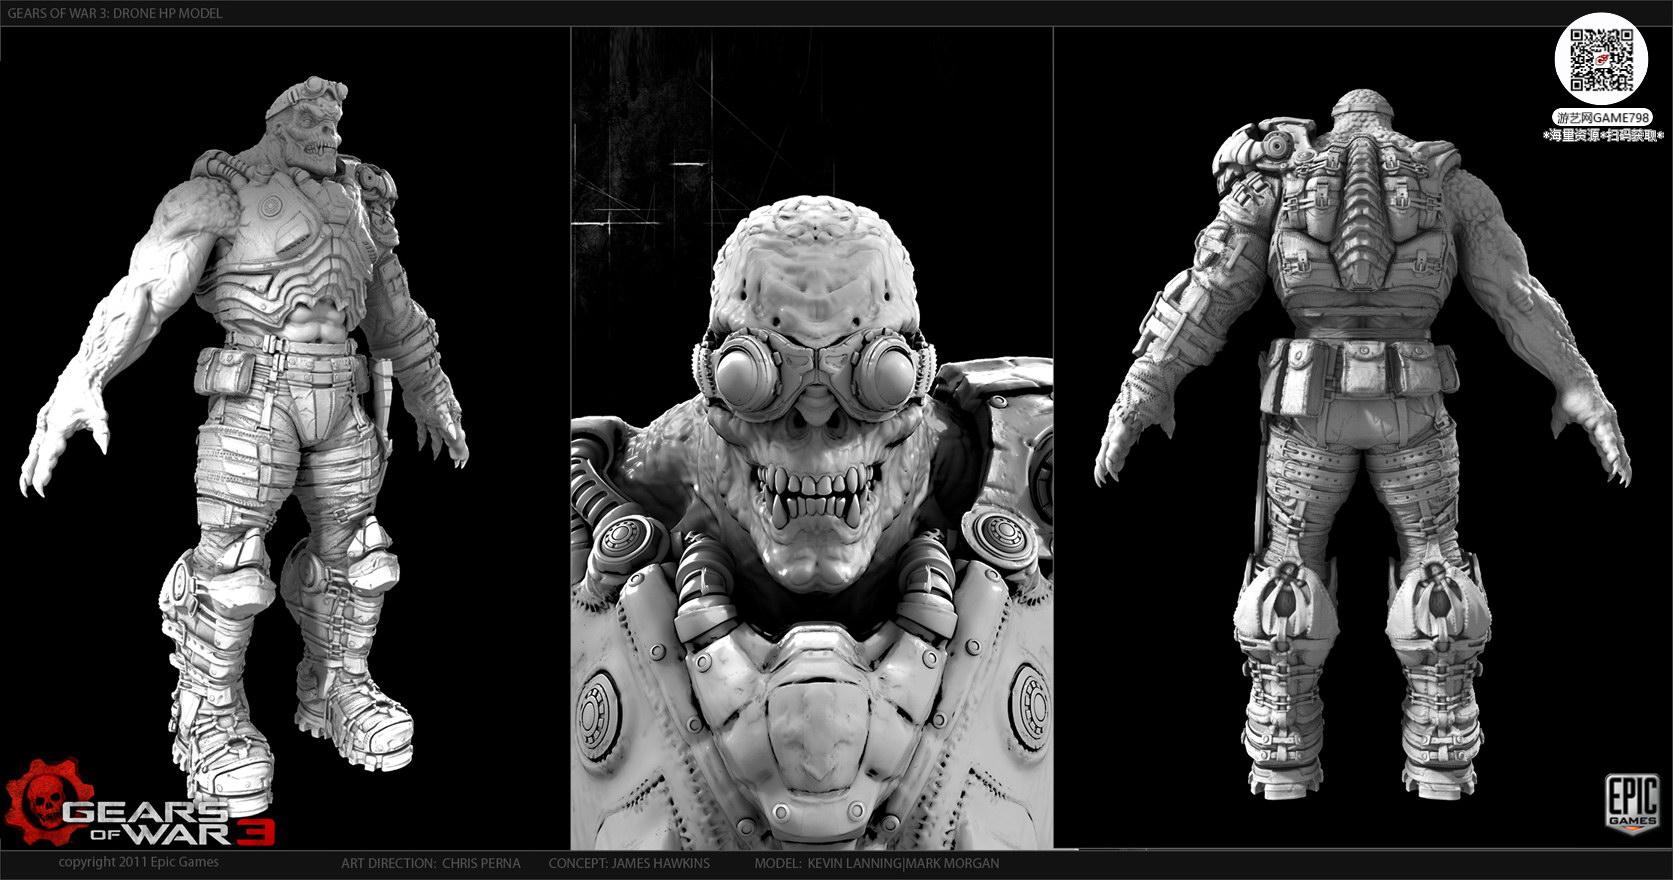 065_关注-游艺网GAME798海量资源下载【战争机器3|3D角色】经典角色设定.jpg